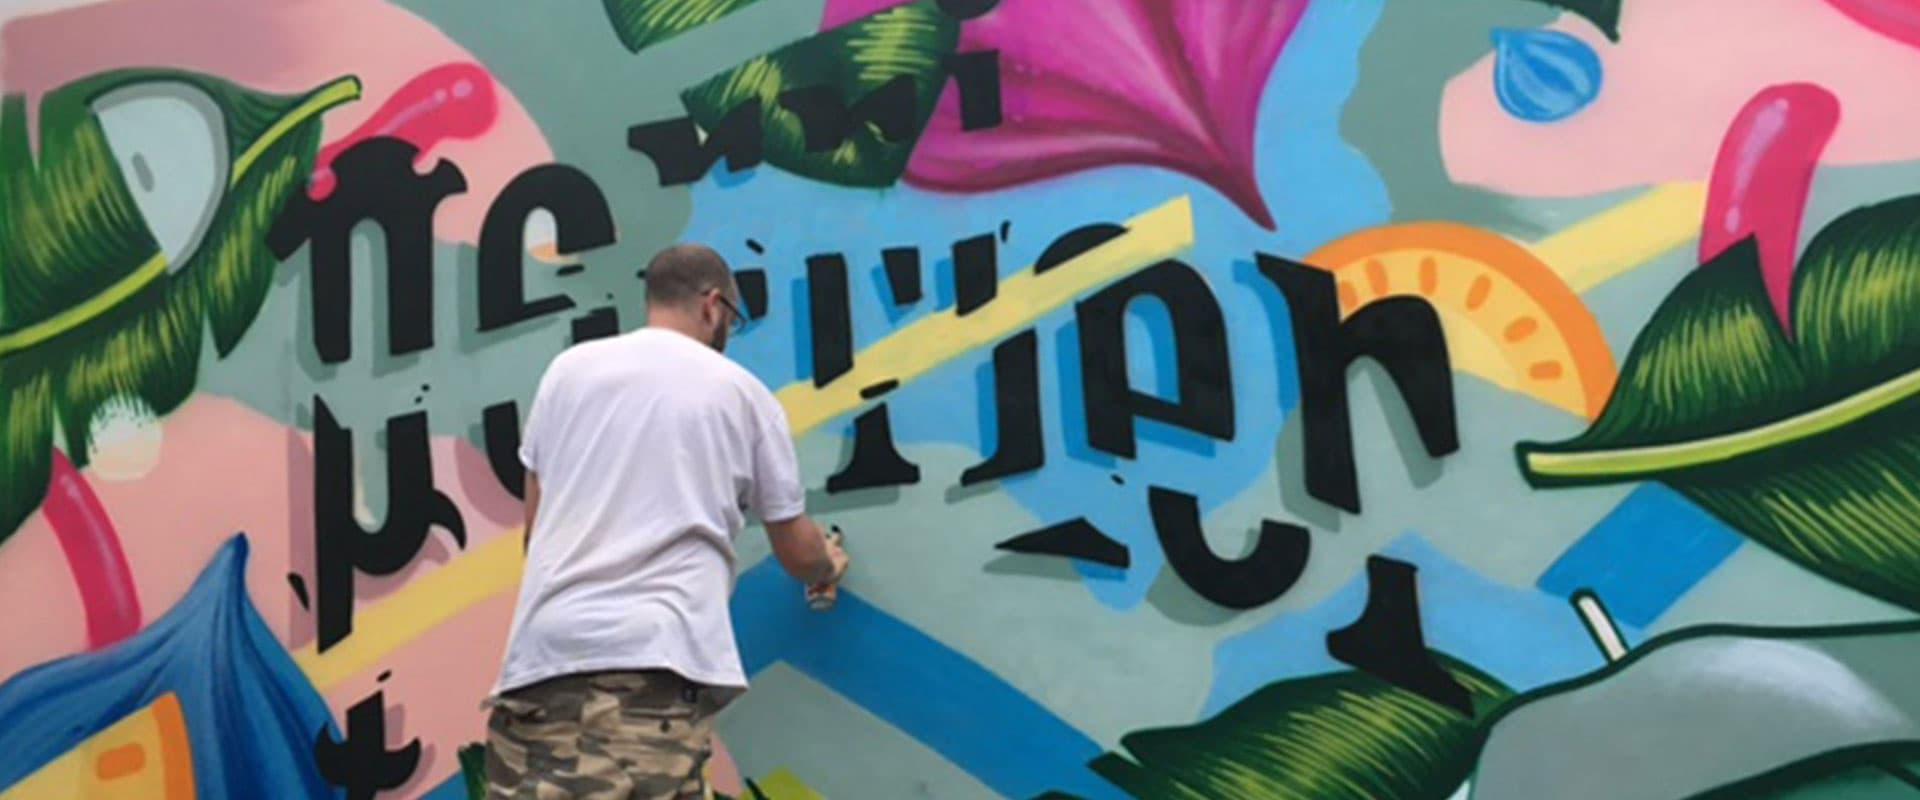 Top 6 street art in London